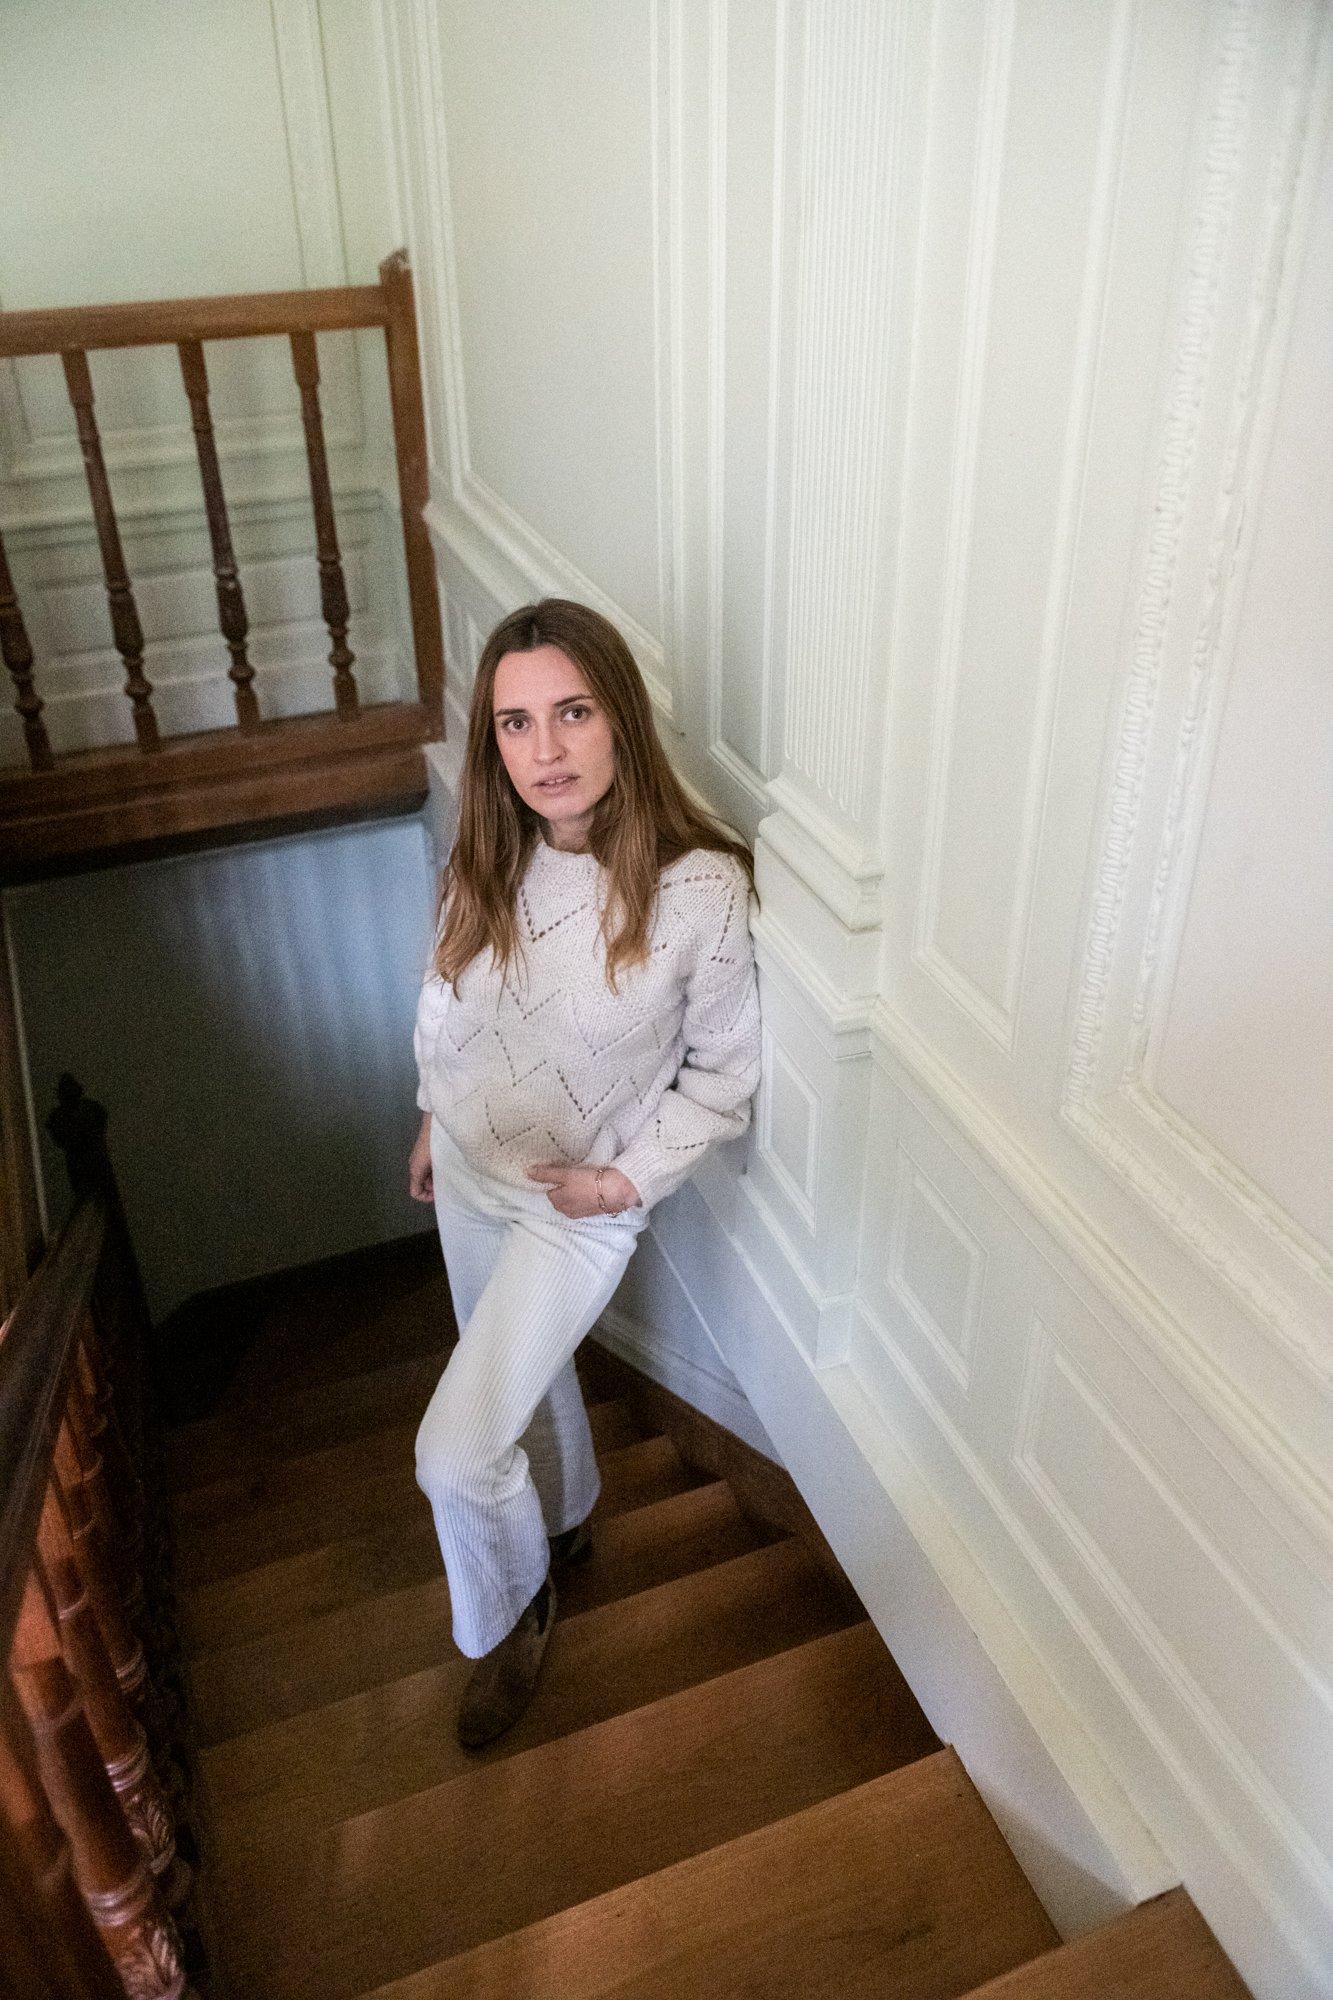 Portrait Escalier en bois Maison Paris Butte Montmartre Stéphanie Delpon